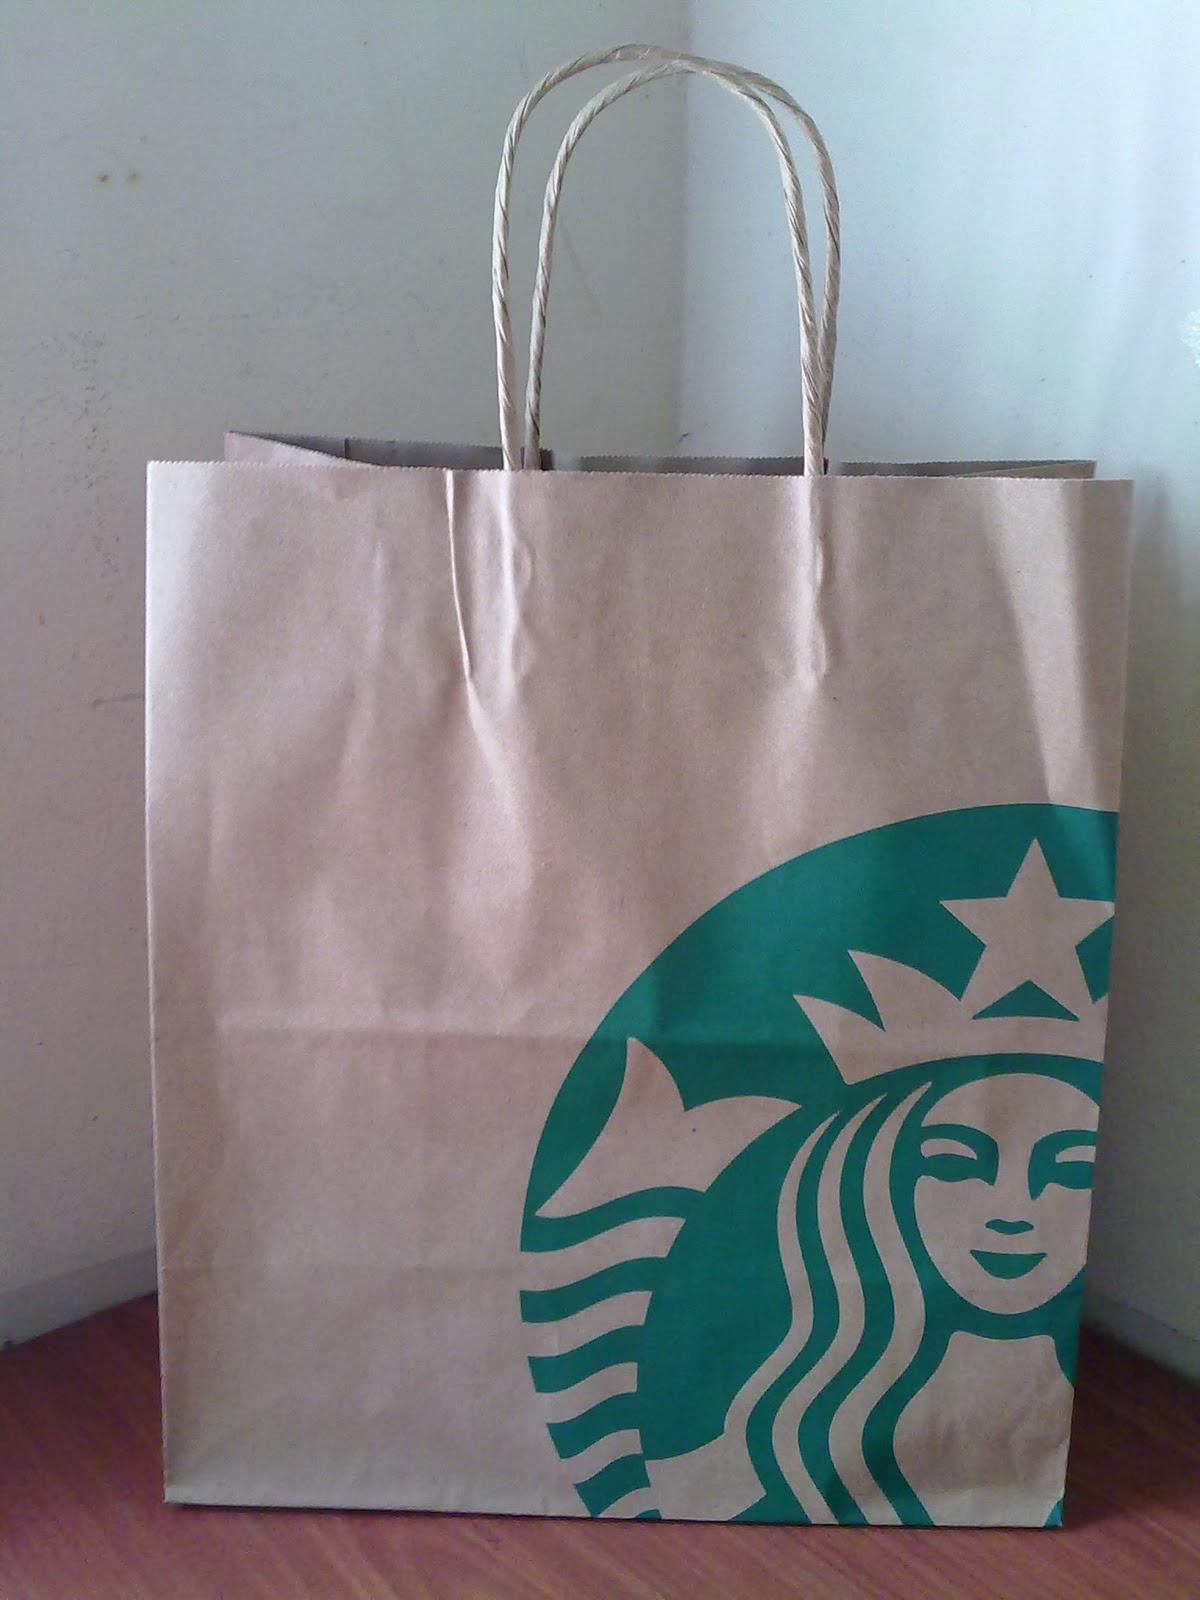 2017 Starbucks New Logo Paper Bag